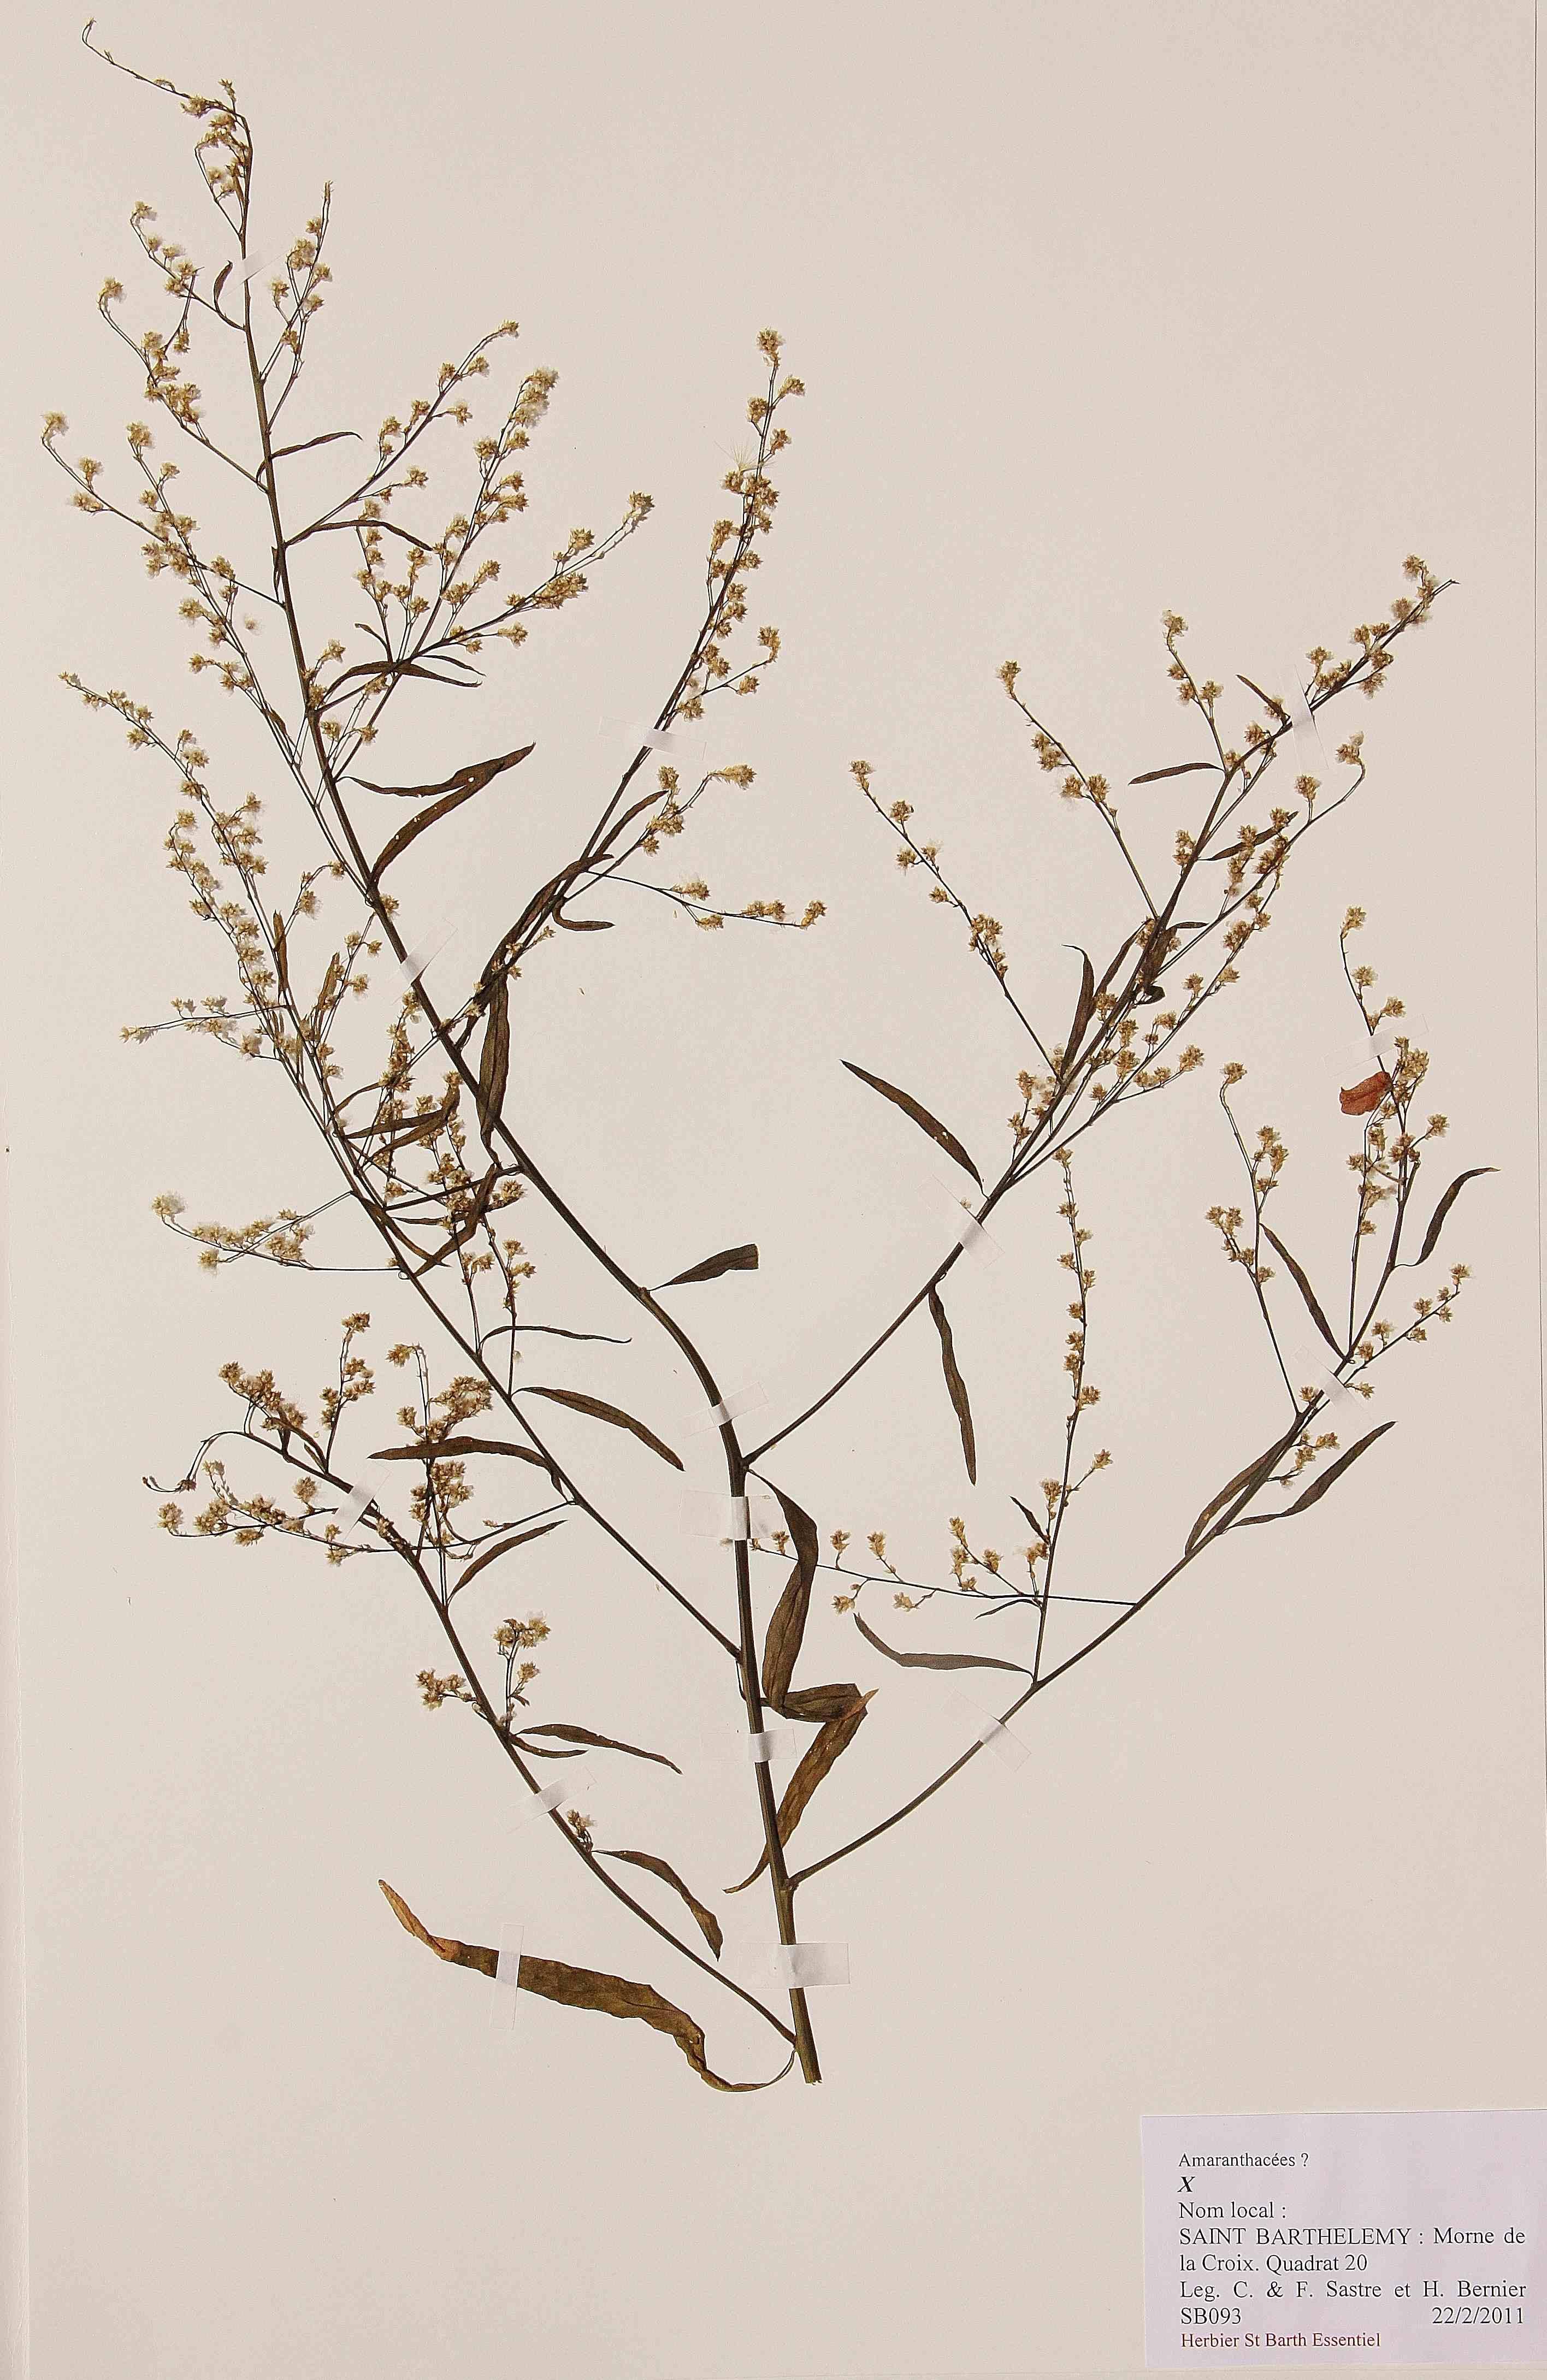 St Barth herbarium is now digitized !